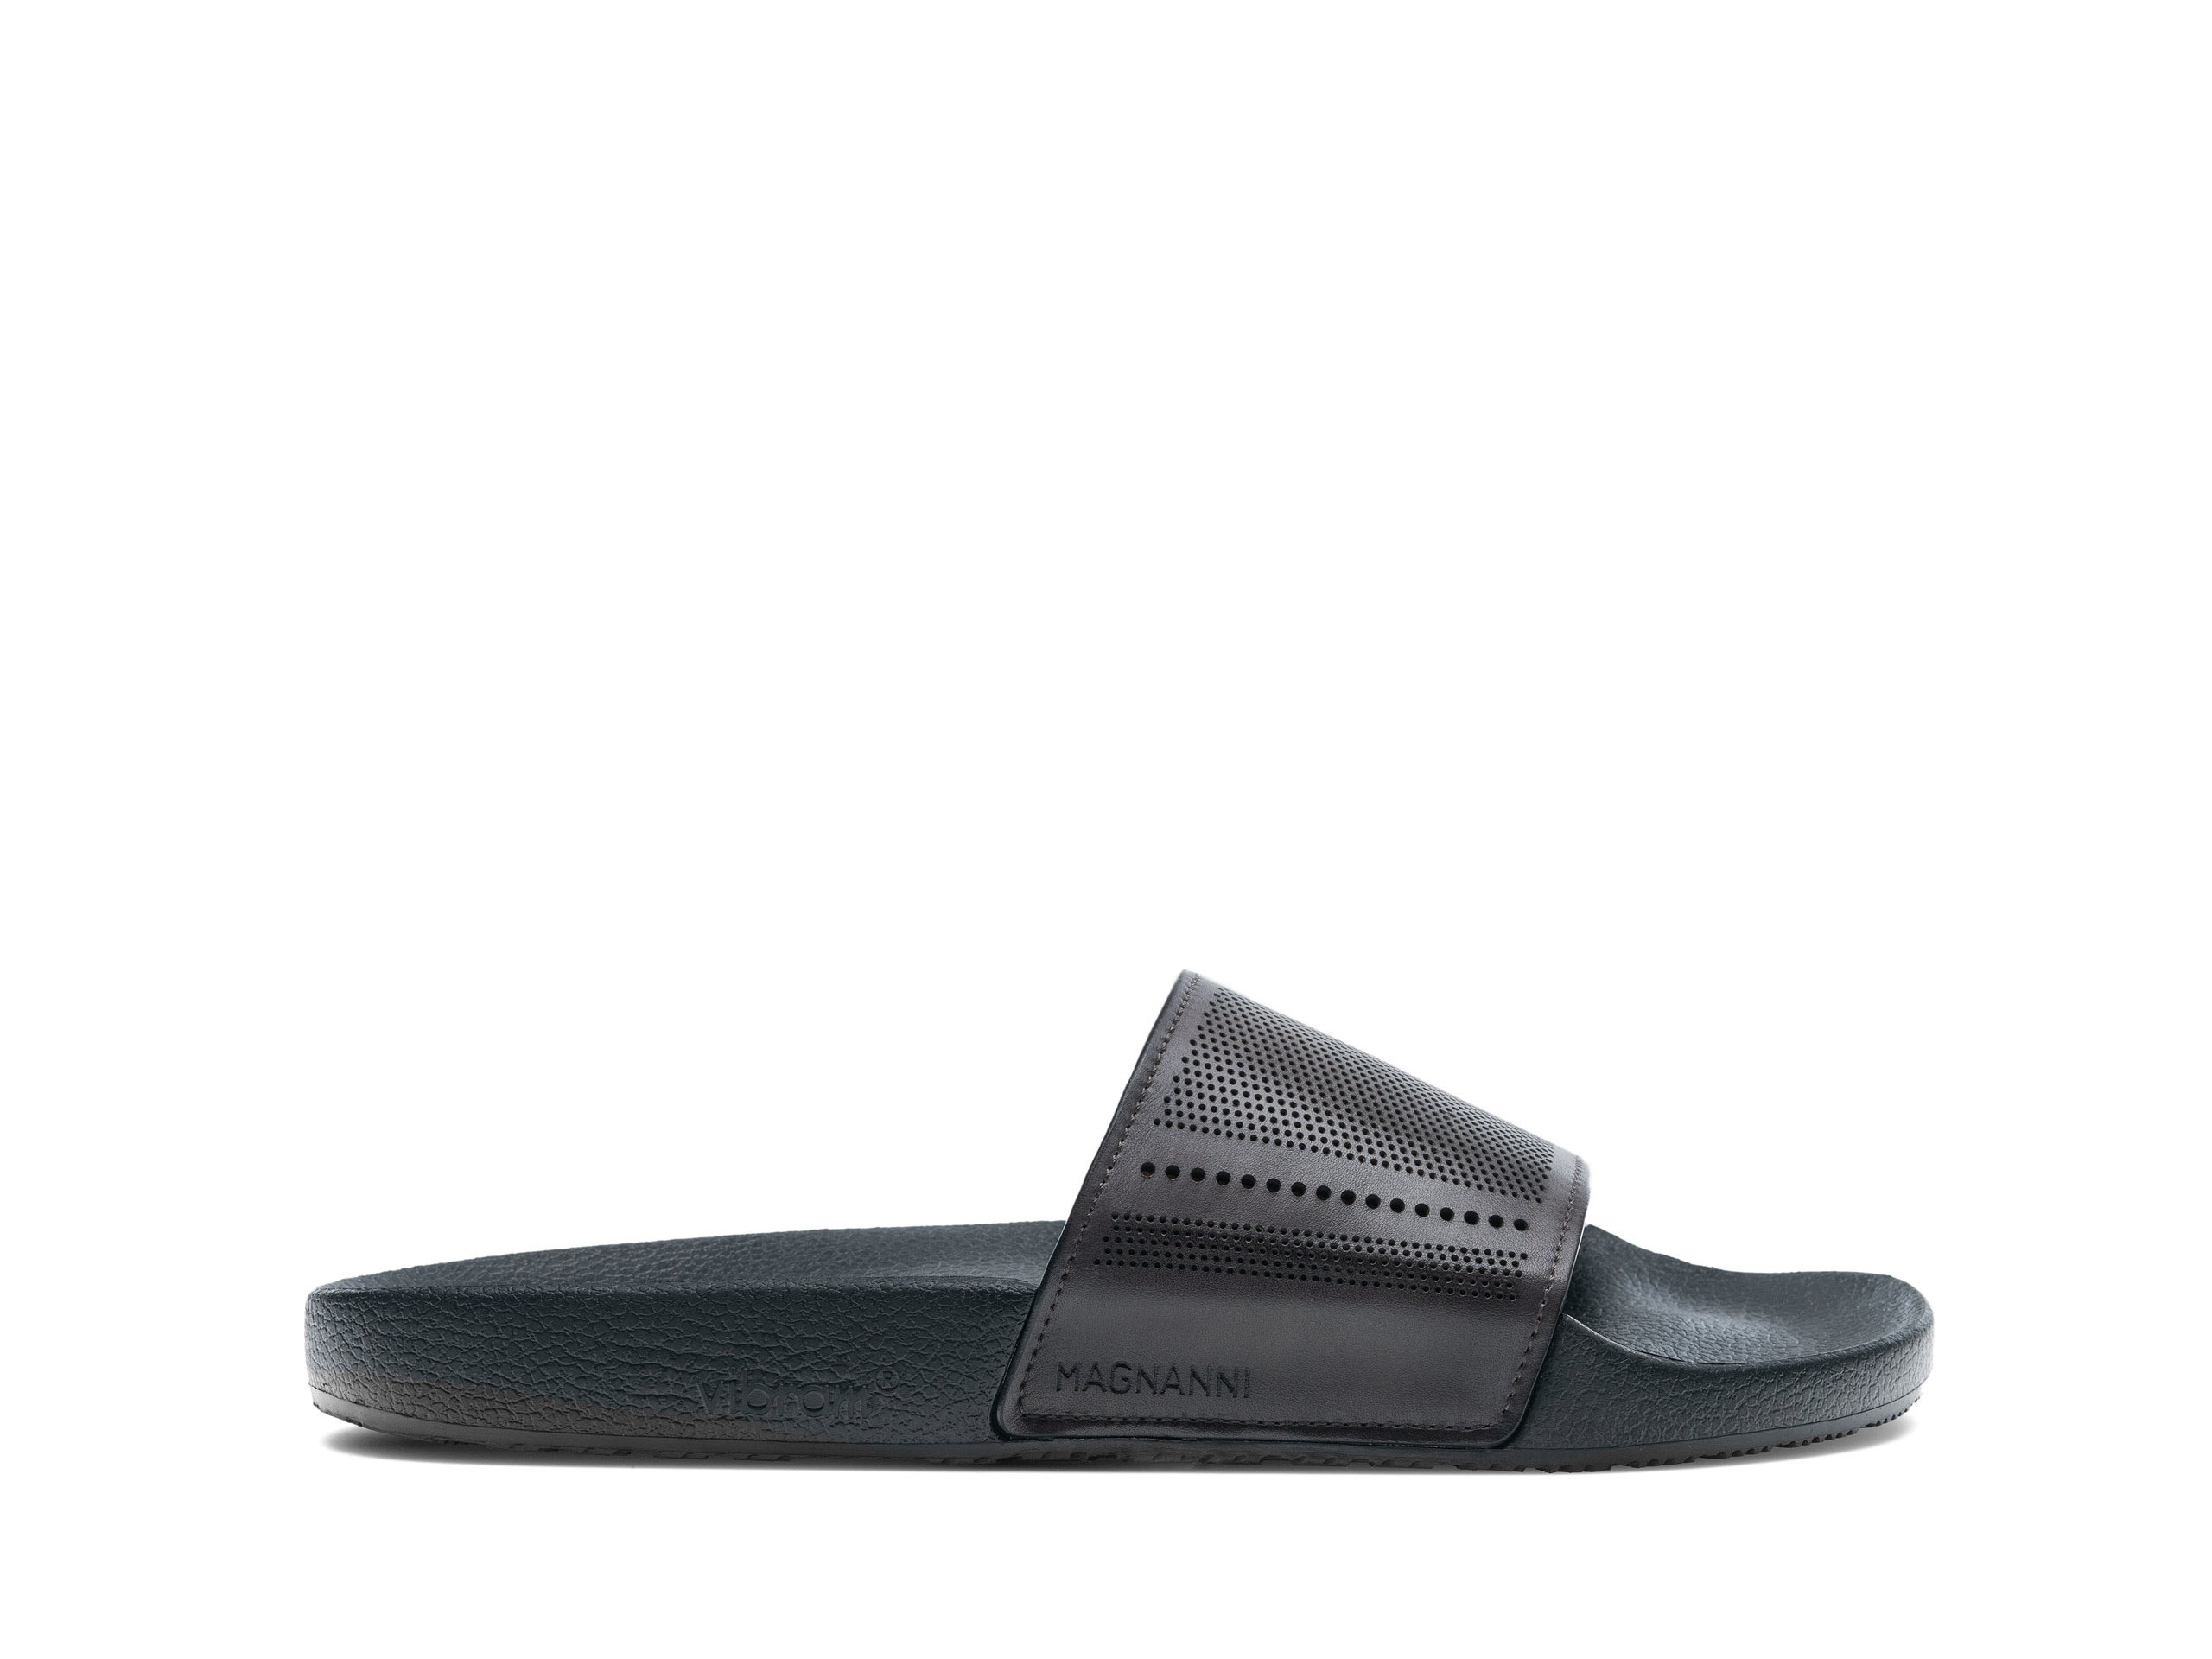 Magnanni Playa Perf Grey Shoes